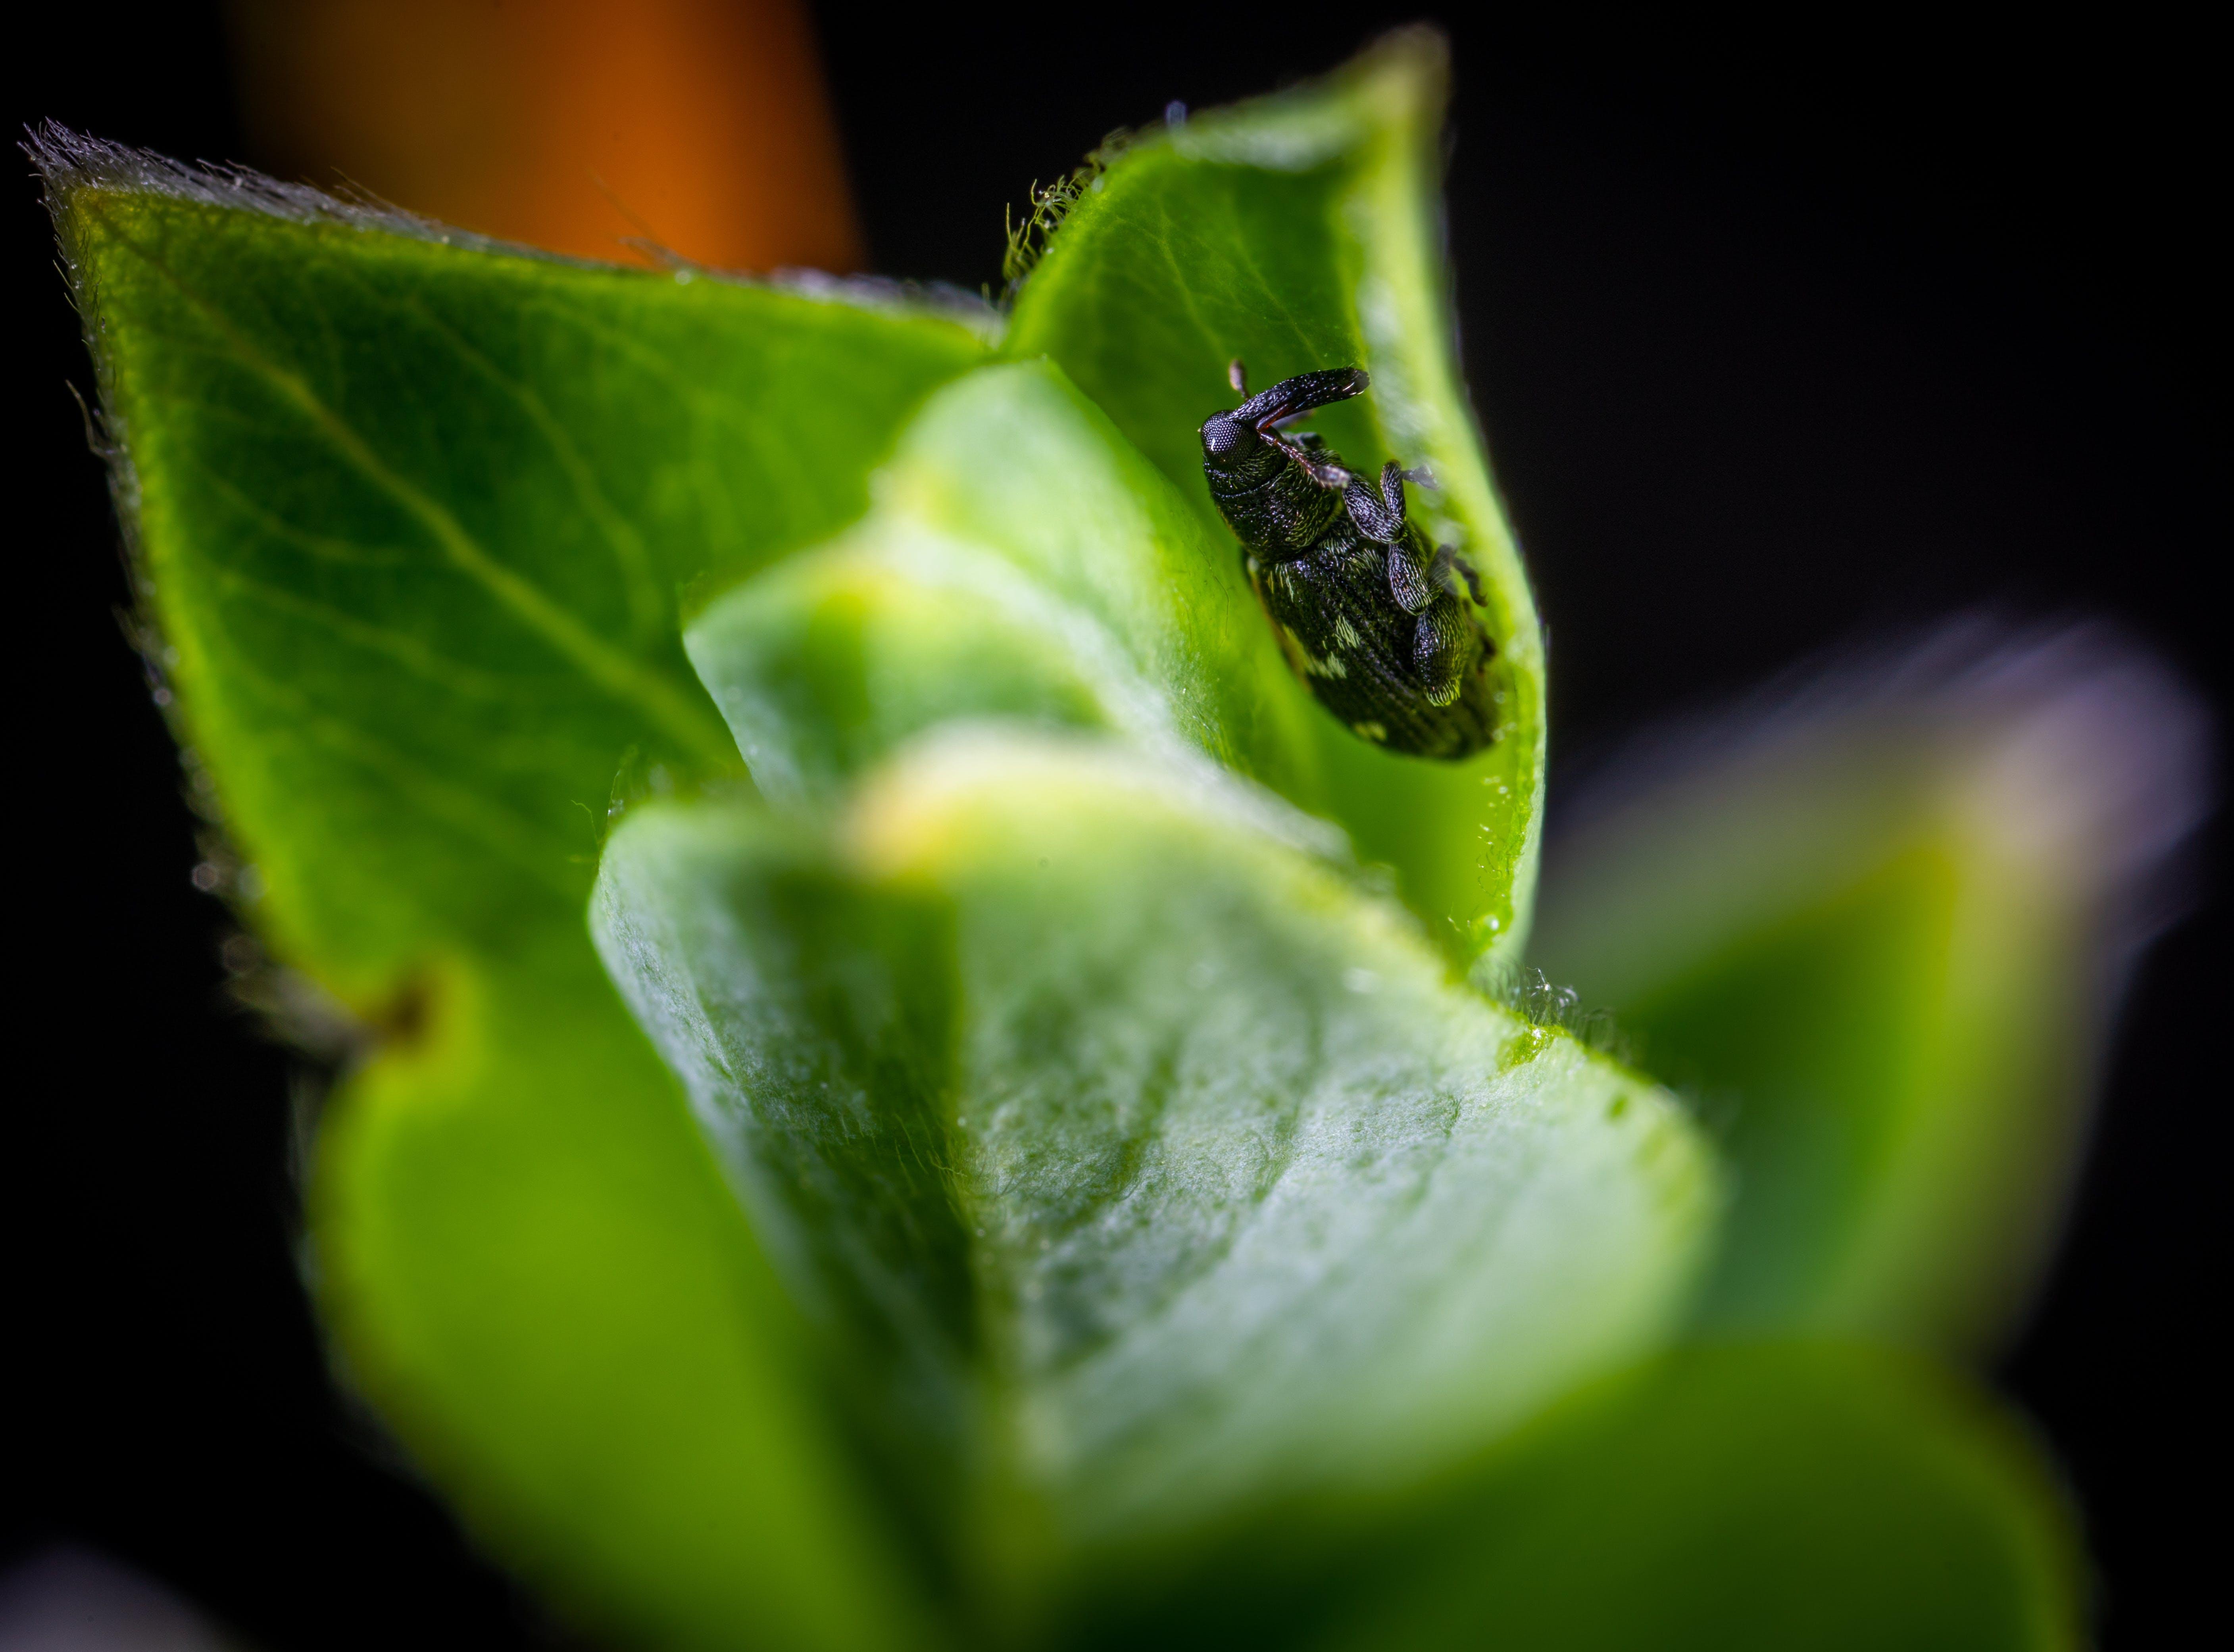 宏觀, 小蟲, 昆蟲, 植物群 的 免費圖庫相片